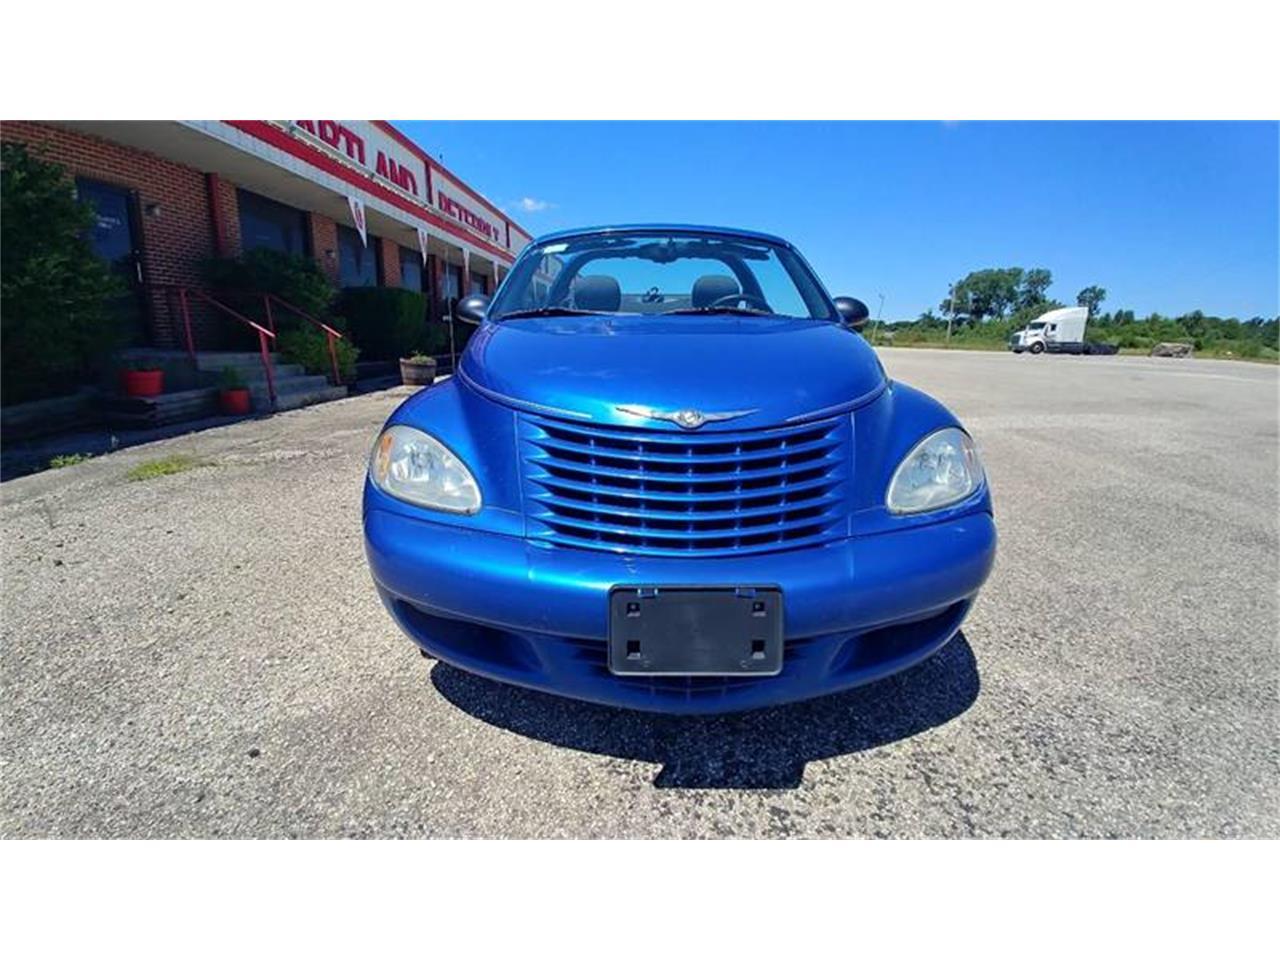 2005 Chrysler PT Cruiser (CC-1010890) for sale in Effingham, Illinois